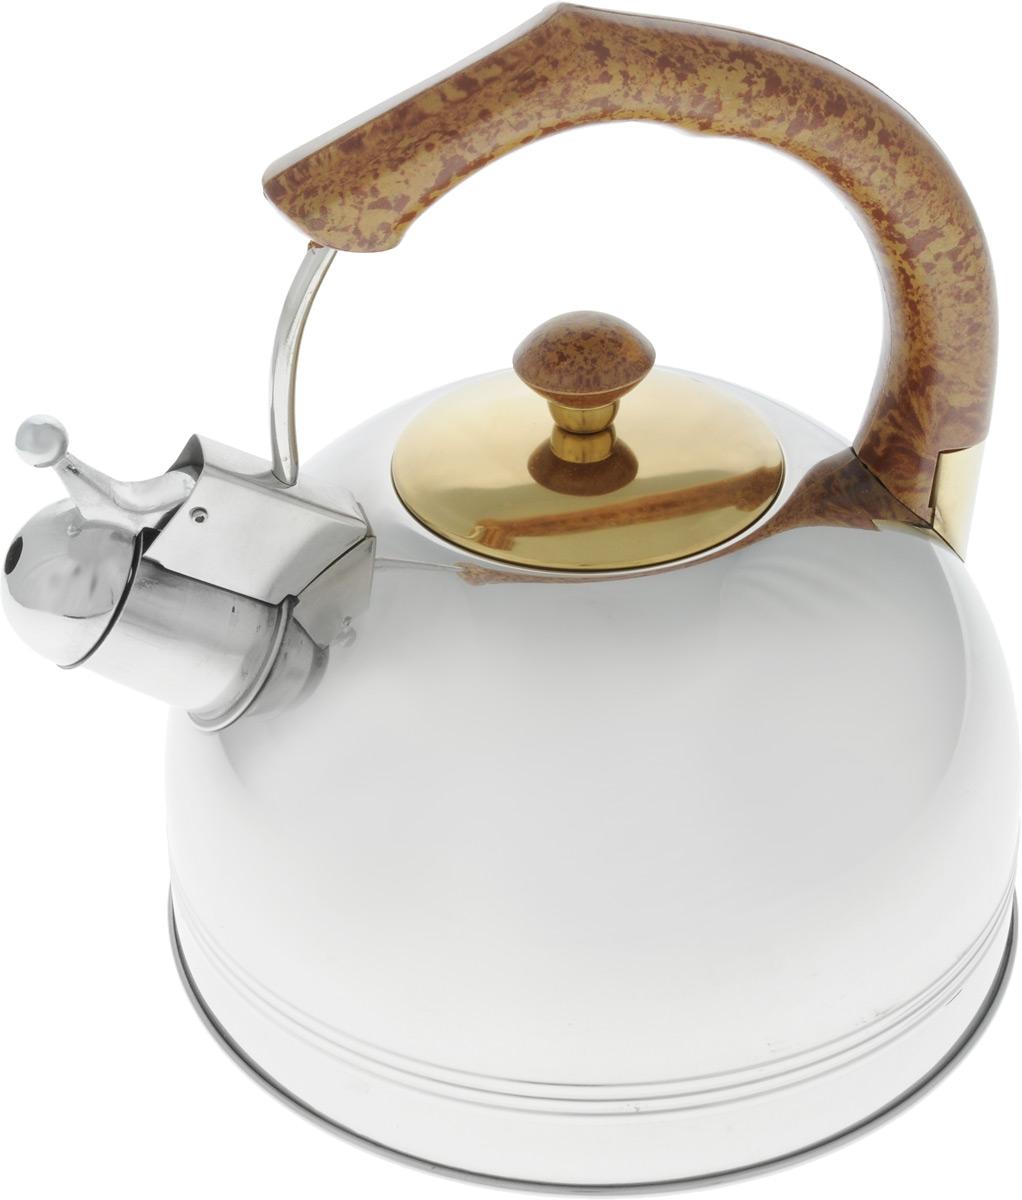 Чайник Bohmann со свистком, 3 л. 655BHLGDOVT-1520(SR)Чайник Bohmann изготовлен из высококачественной нержавеющей стали с зеркальной полировкой. Нержавеющая сталь - материал, из которого в течение нескольких десятилетий во всем мире производятся столовые приборы, кухонные инструменты и различные аксессуары. Этот материал обладает высокой стойкостью к коррозии и кислотам. Прочность, долговечность и надежность этого материала, а также первоклассная обработка обеспечивают практически неограниченный запас прочности и неизменно привлекательный внешний вид. Чайник оснащен удобной фиксированной ручкой, выполненной из бакелита с рисунком под дерево. Носик чайника имеет откидной свисток, который подскажет, когда вода закипела. Можно использовать на газовых, электрических, галогеновых, стеклокерамических, индукционных плитах. Можно мыть в посудомоечной машине.Высота чайника (без учета ручки и крышки): 12 см.Высота чайника (с учетом ручки): 23 см.Диаметр основания чайника: 20 см.Диаметр чайника (по верхнему краю): 8,5 см.